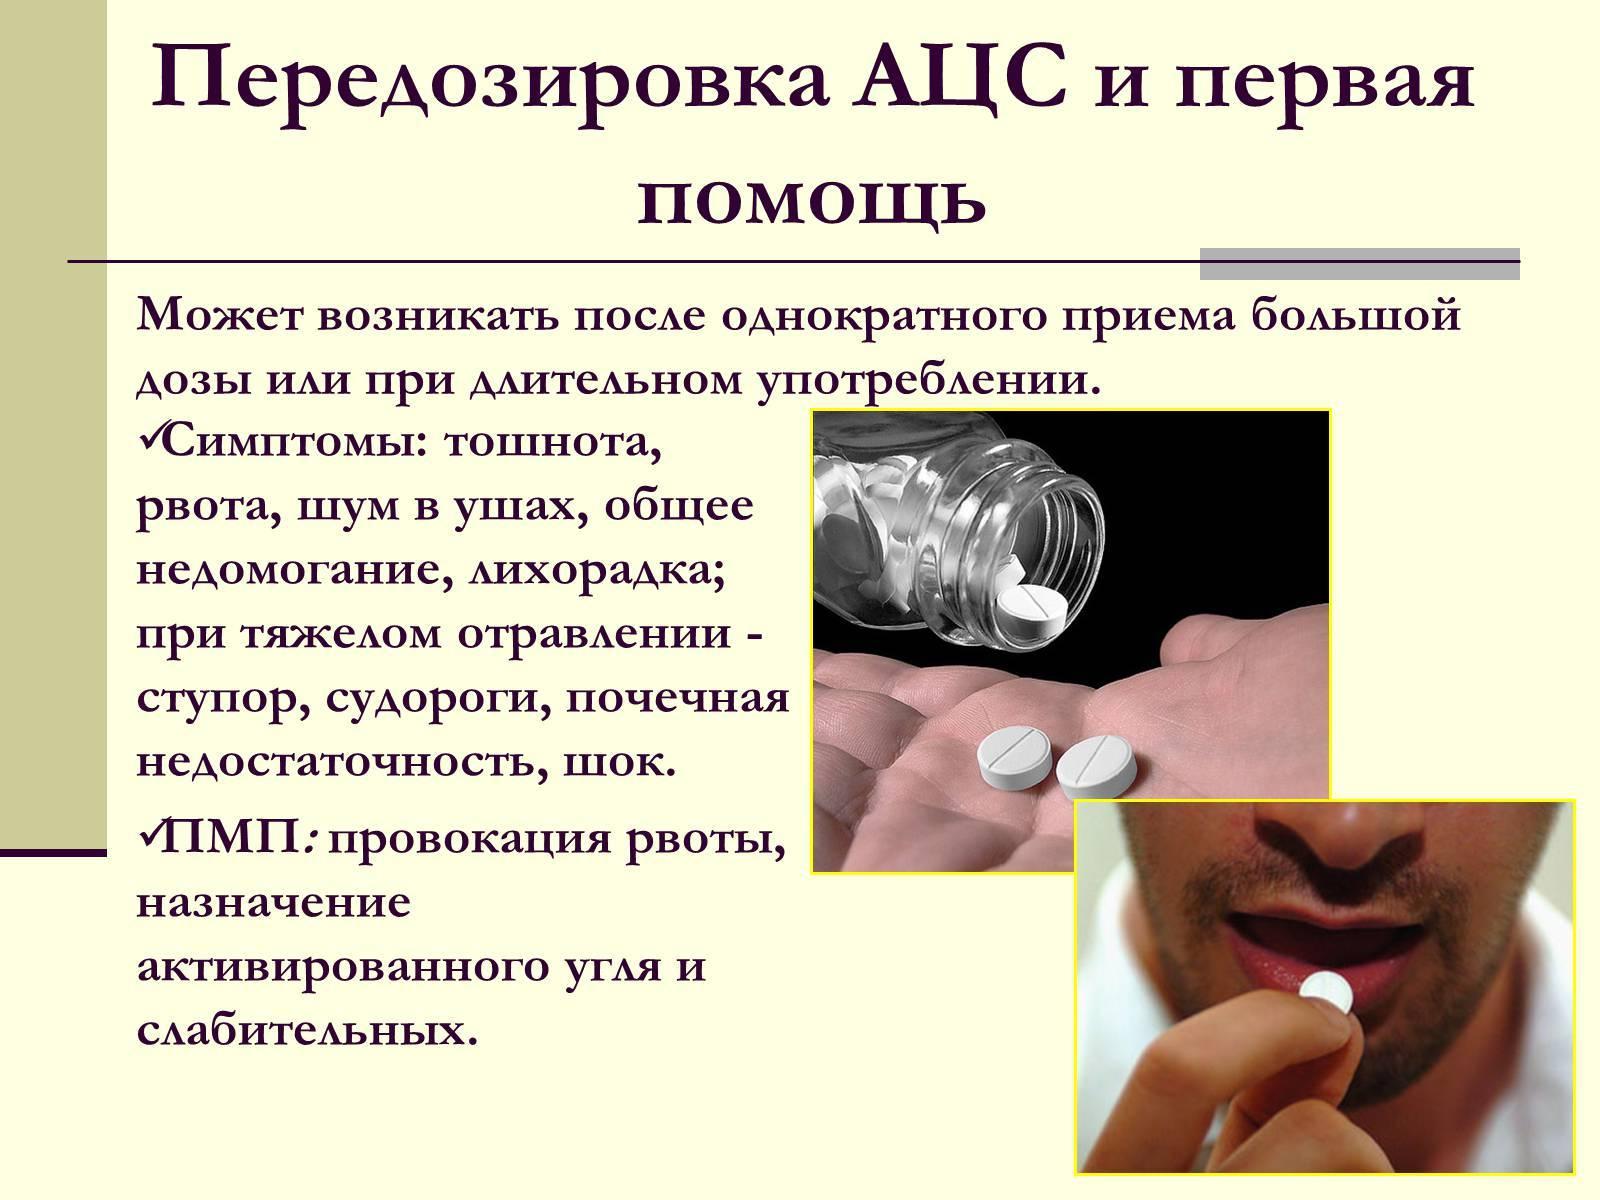 Вред и польза аспирина — чего больше? Аспирин для разжижения крови — как принимать